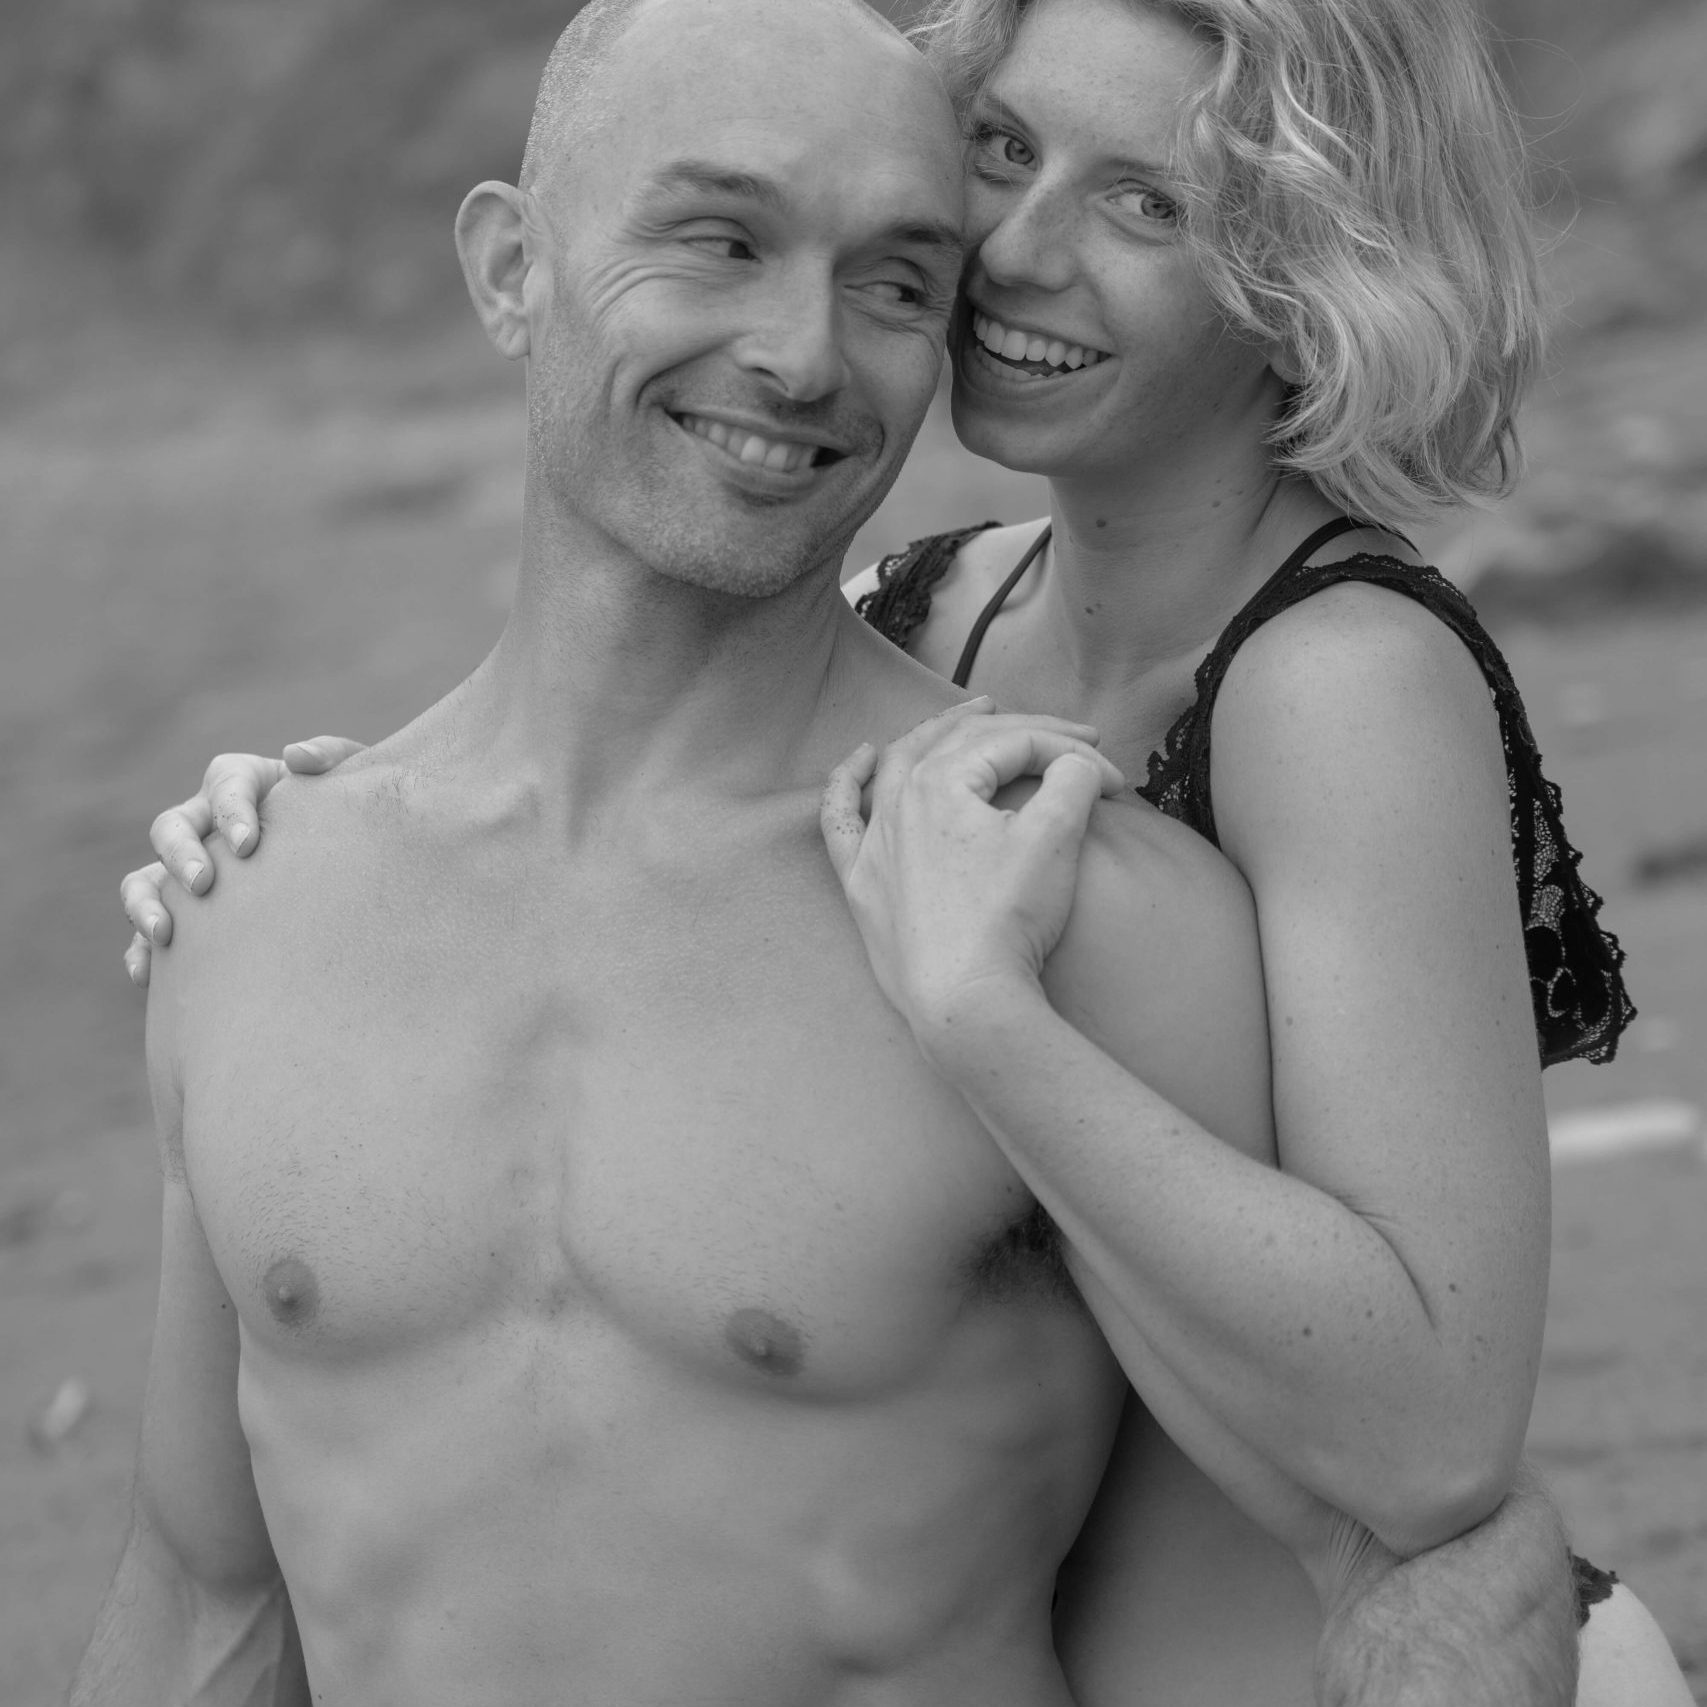 Jon&Hannah&Beach-62